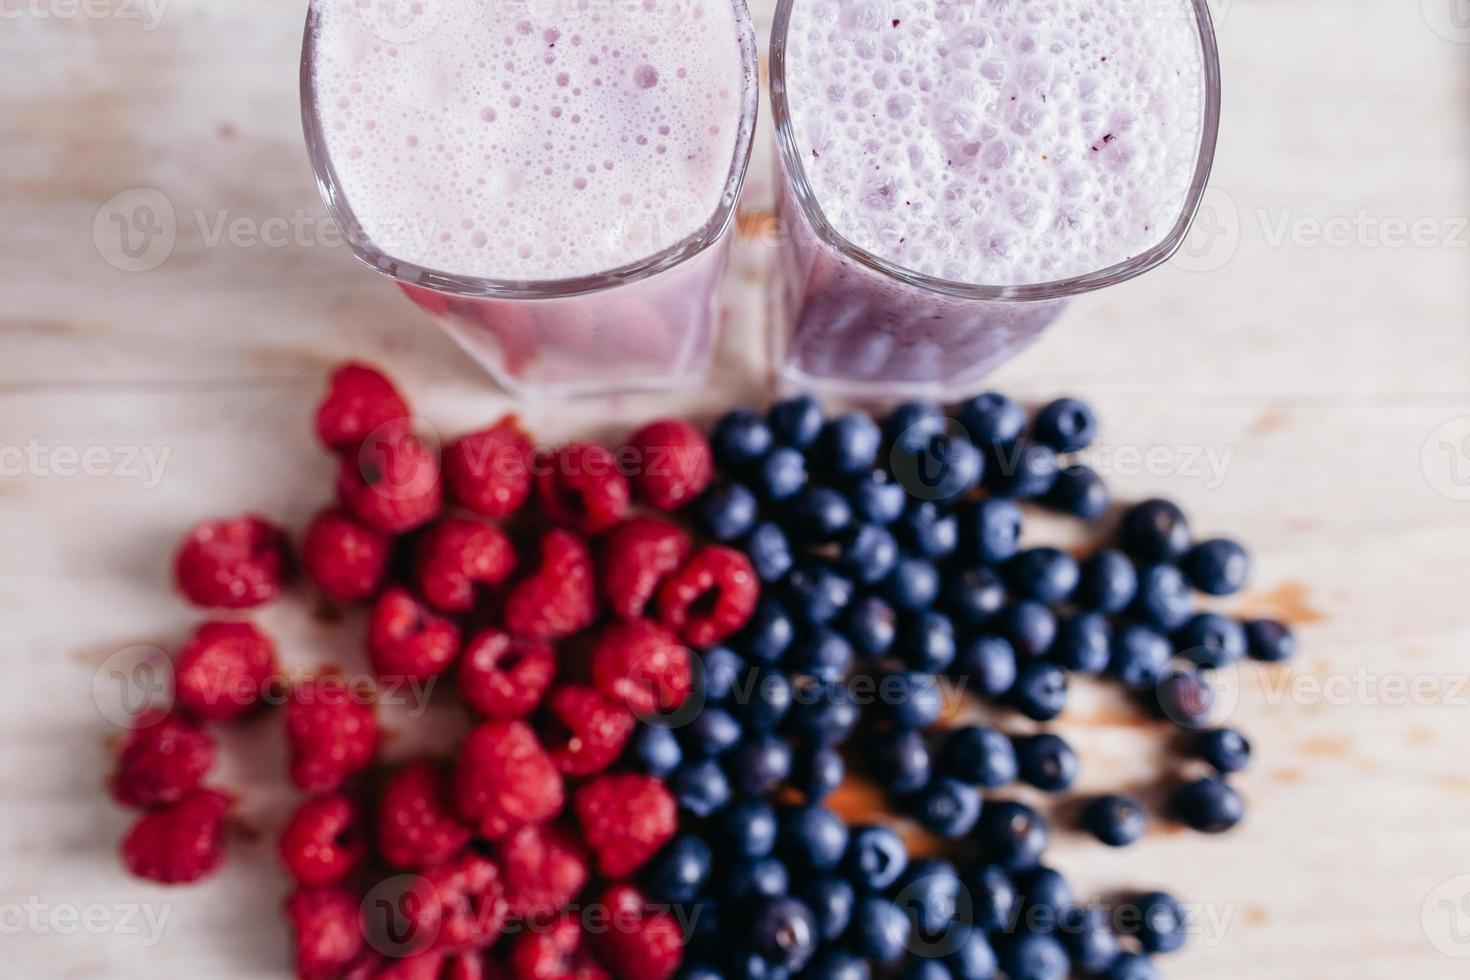 smoothie de framboesa e mirtilo com frutas frescas na madeira tabl foto